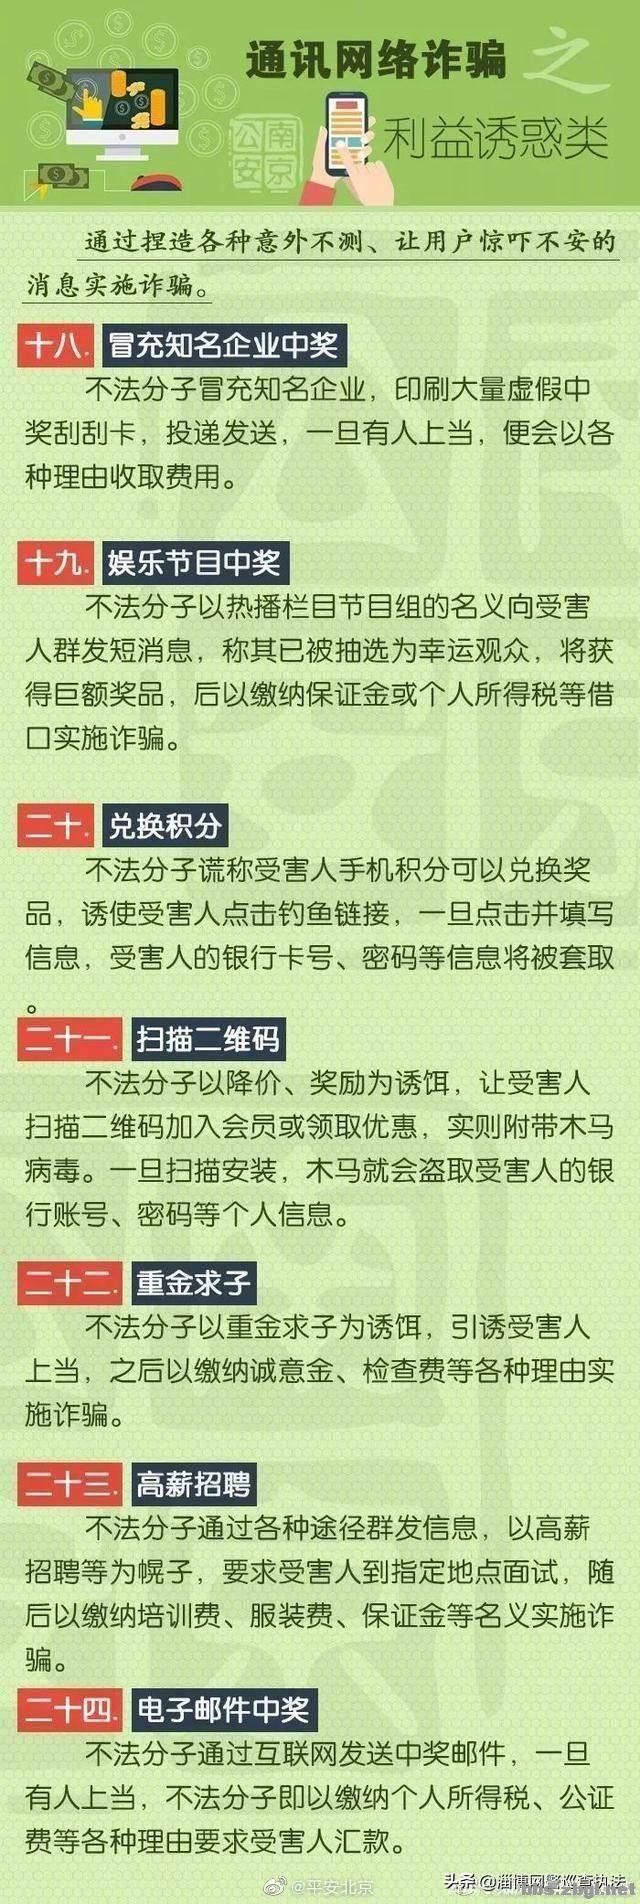 史上最全电信诈骗 58种诈骗手法9大类型 ????-4.jpg